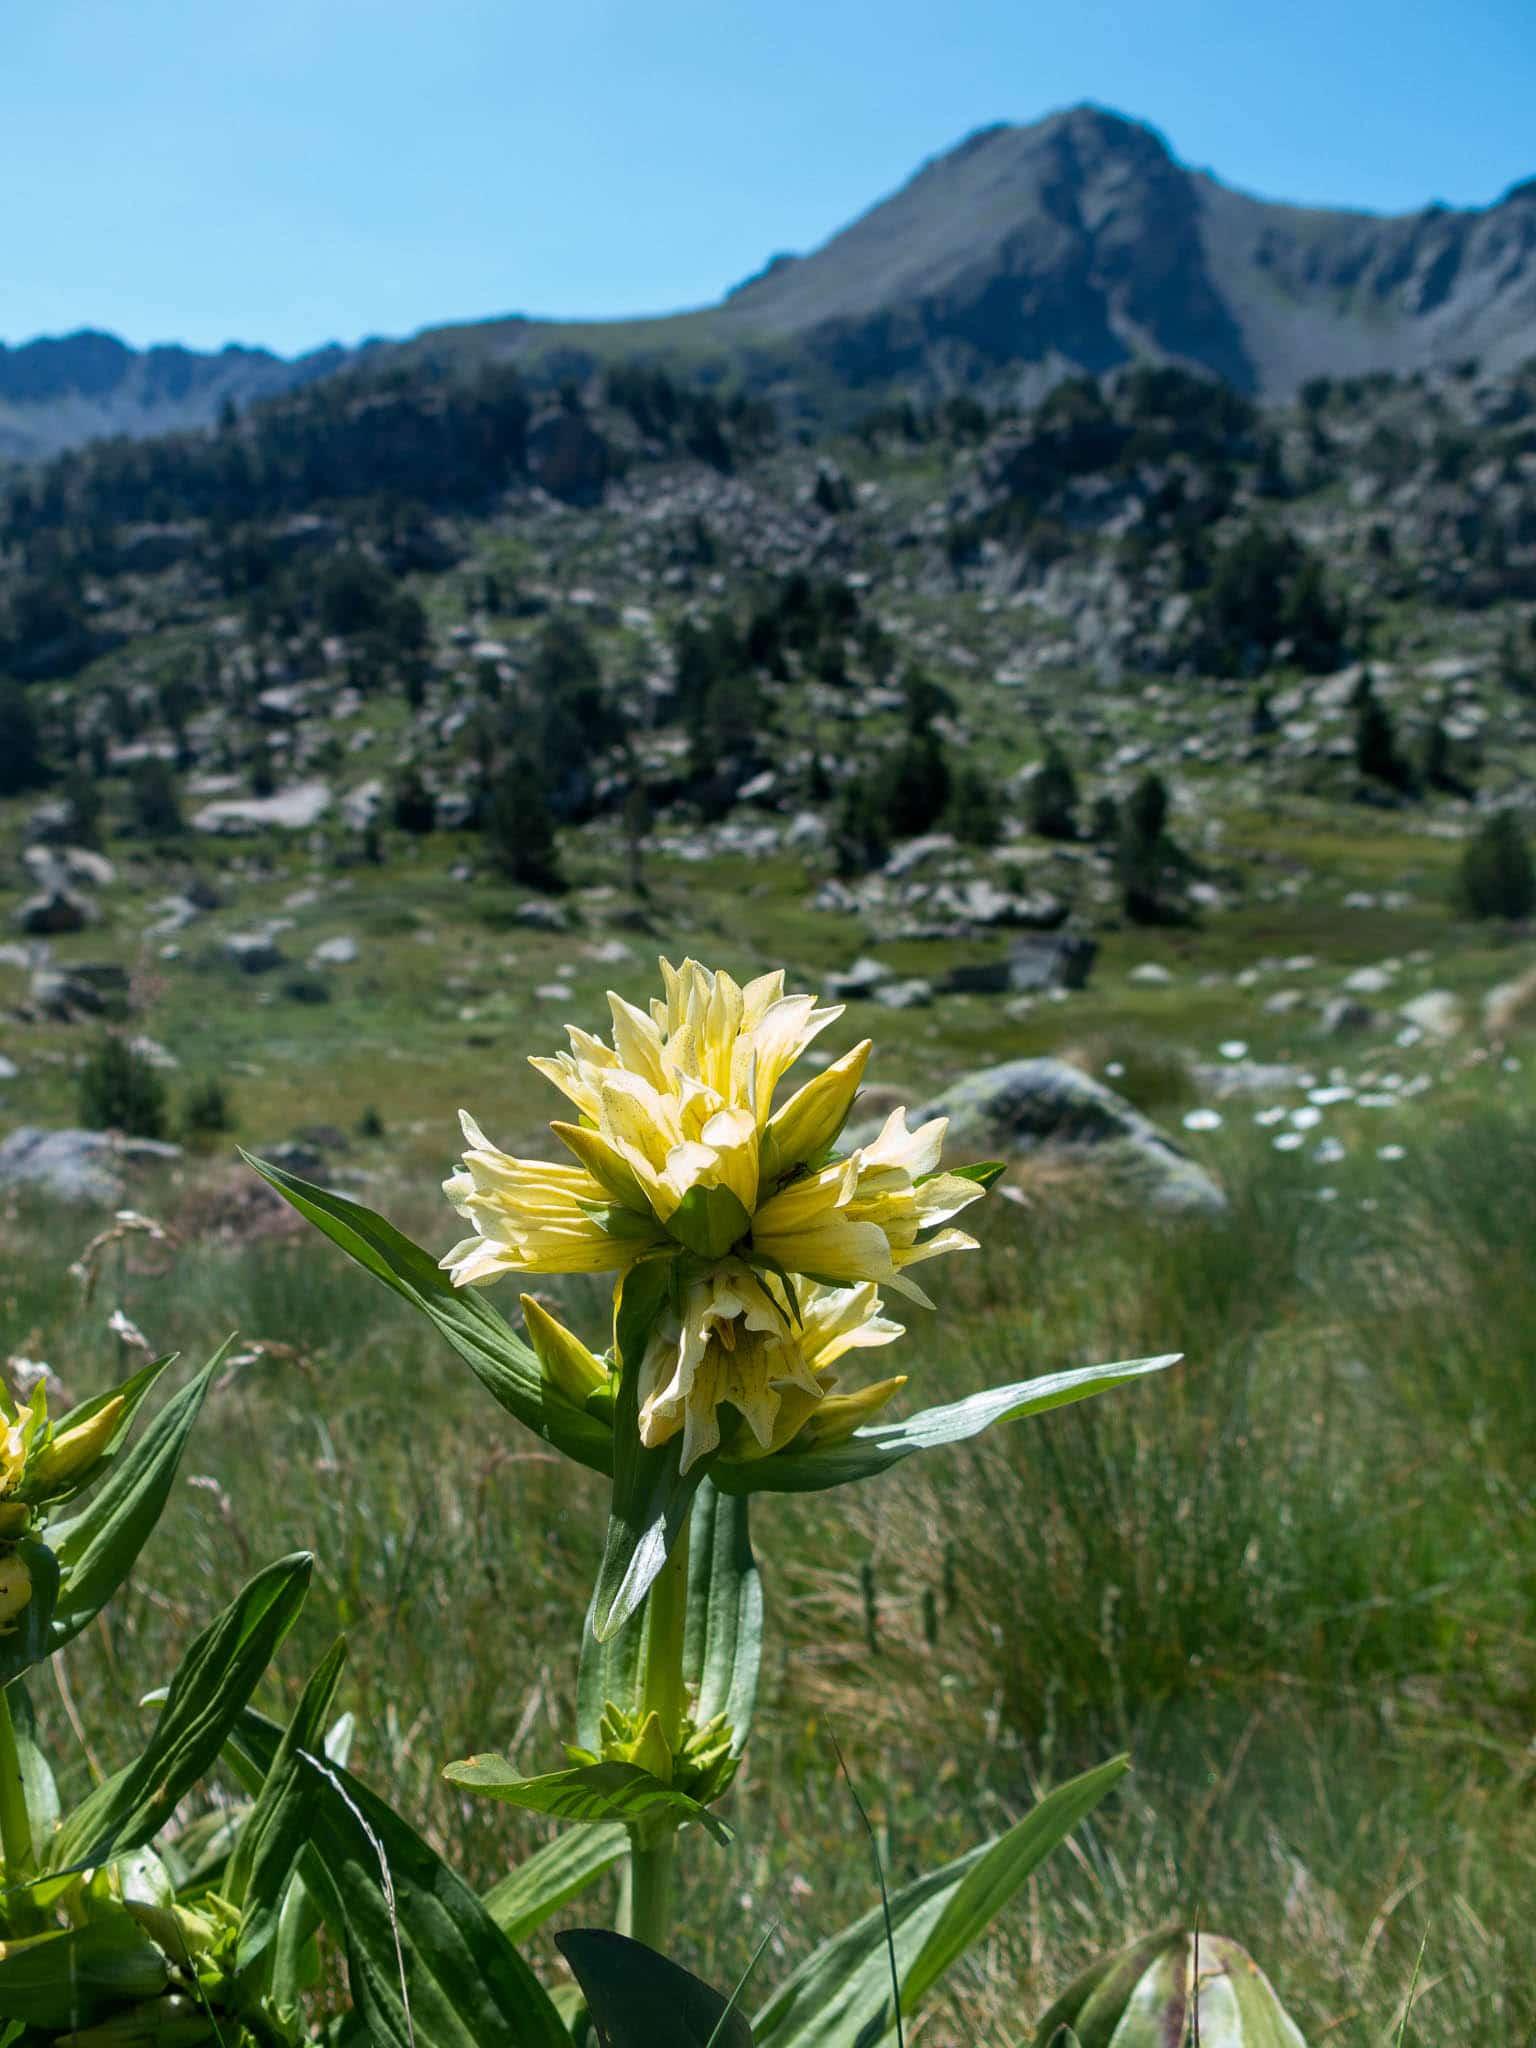 Gelbe Blume Andorra, im Hintergrund ein Berg